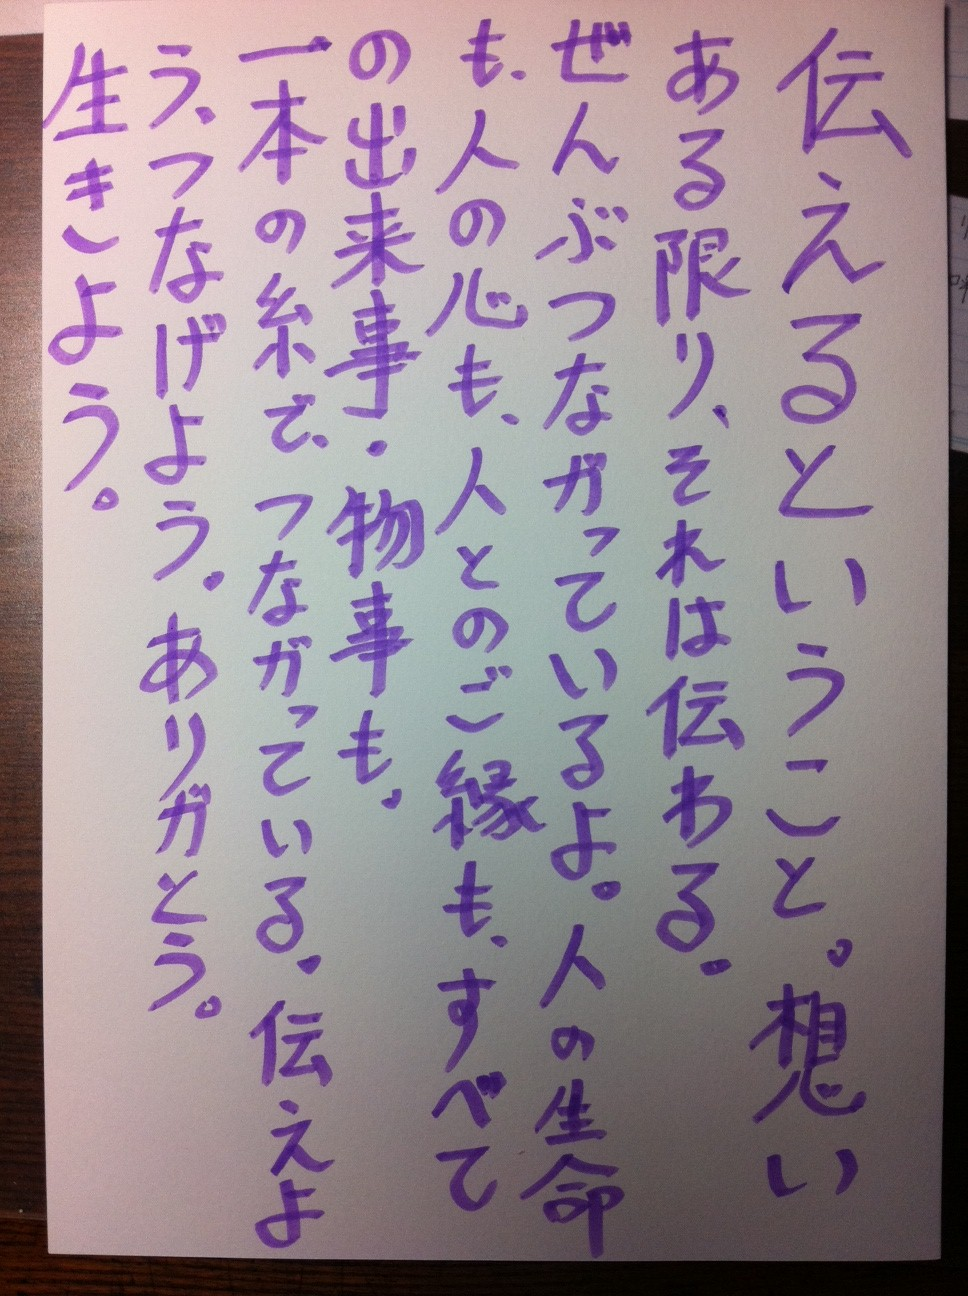 メッセージ_a0112393_1819460.jpg